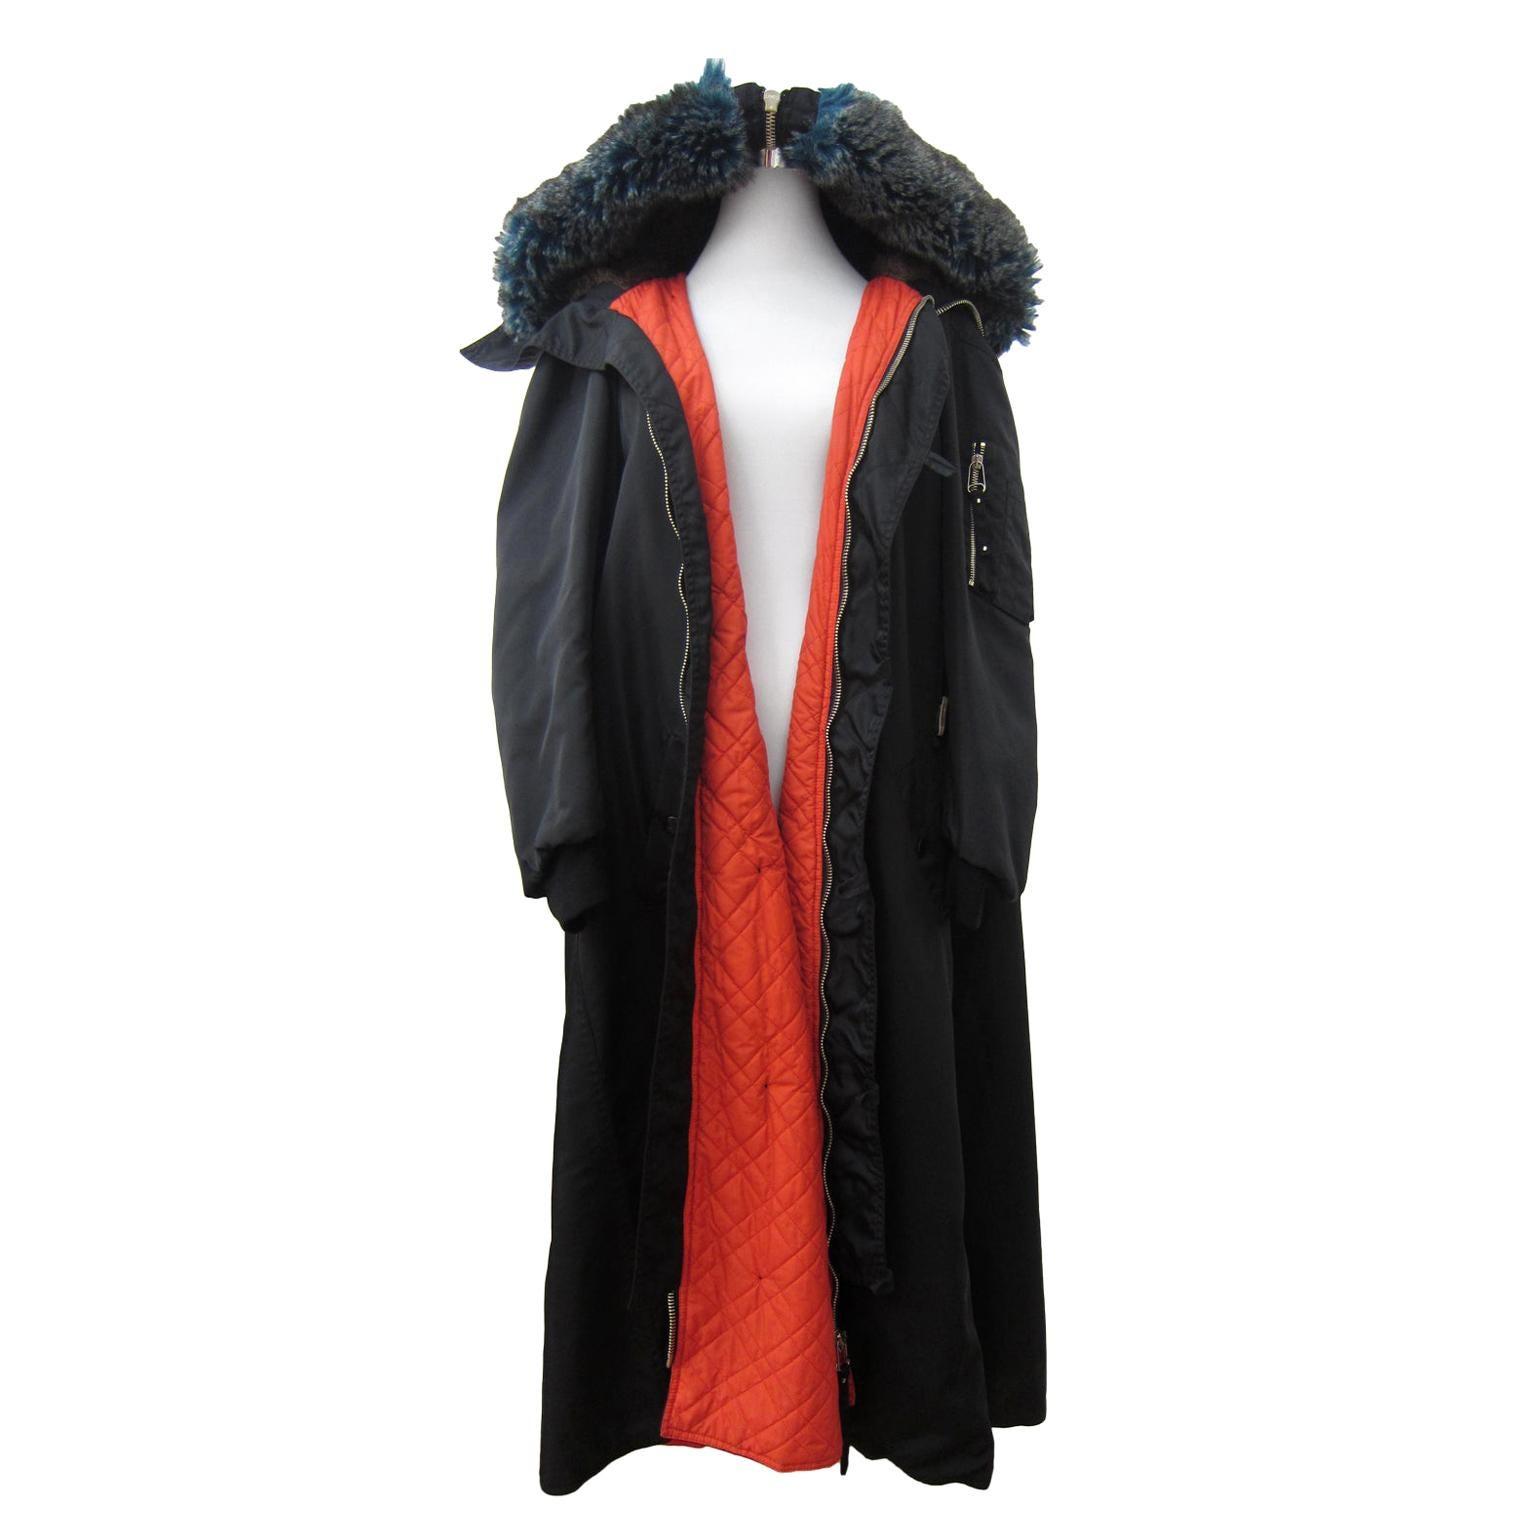 Jean Paul Gaultier Black Bomber Jacket Coat 1980s